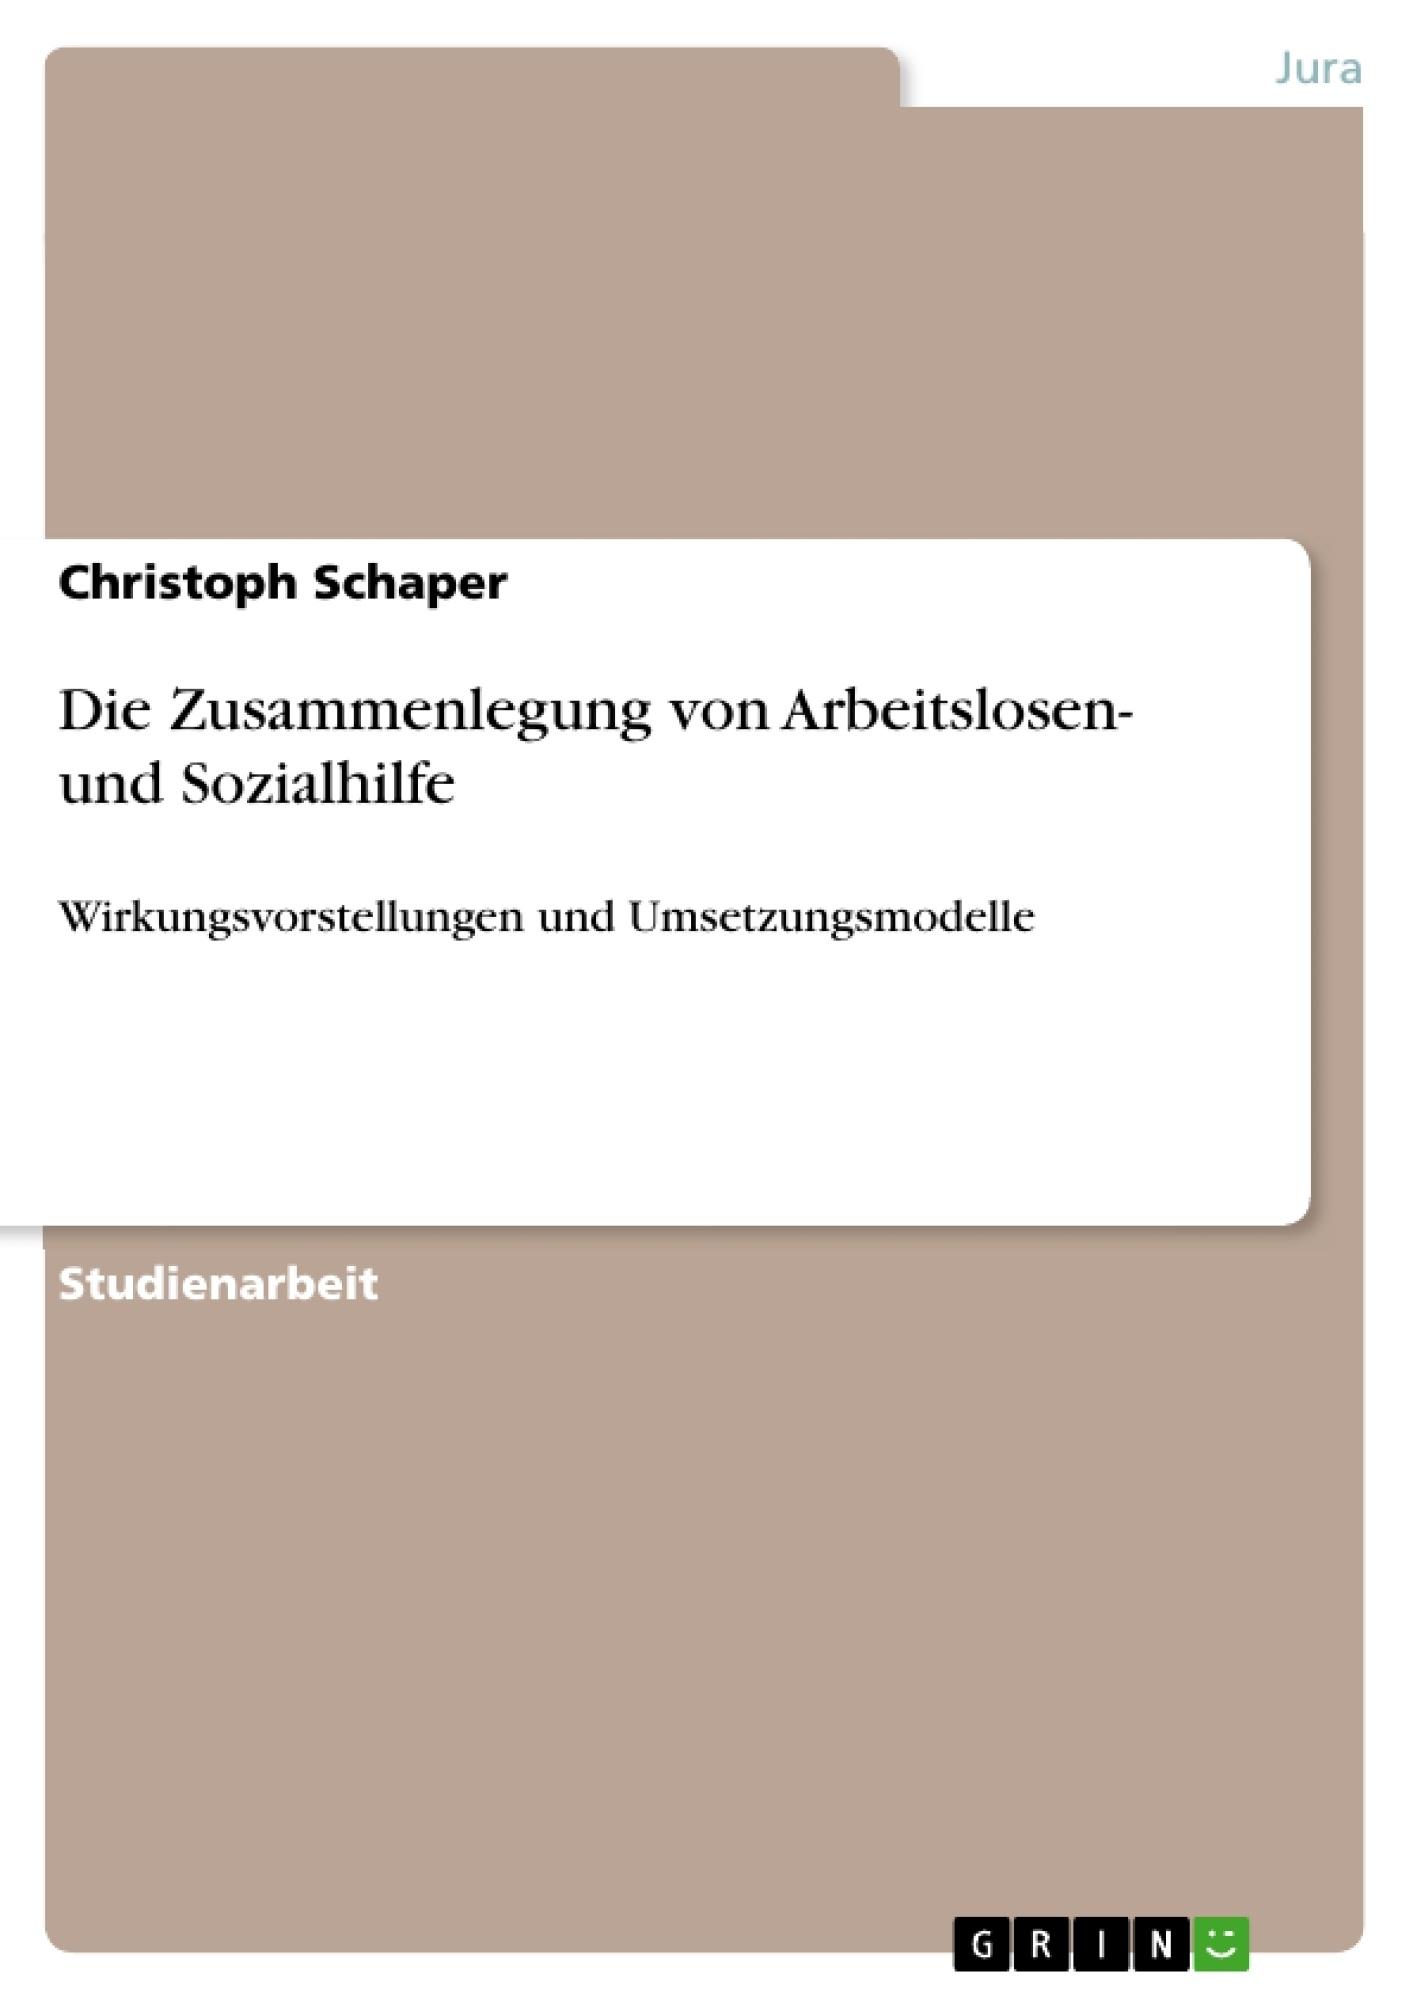 Titel: Die Zusammenlegung von Arbeitslosen- und Sozialhilfe